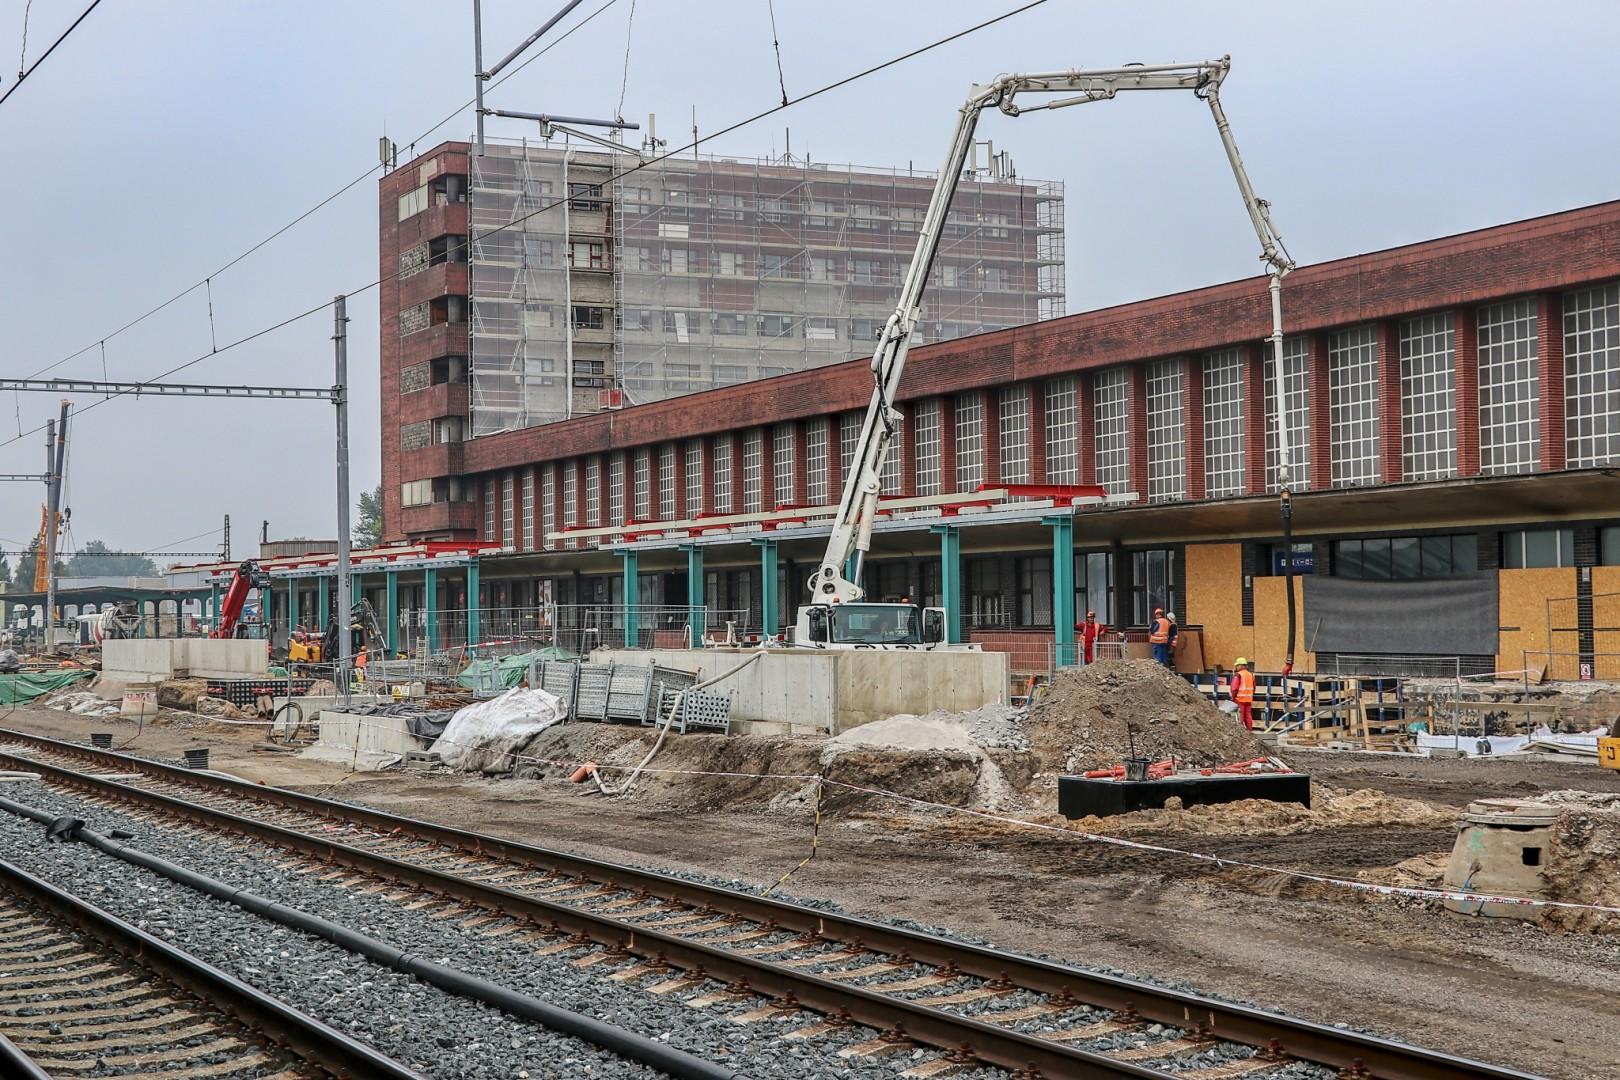 Pardubice hl. n., září 2021 - probíhá rekonstrukce prvního a druhého nástupiště. Pramen: Správa železnic